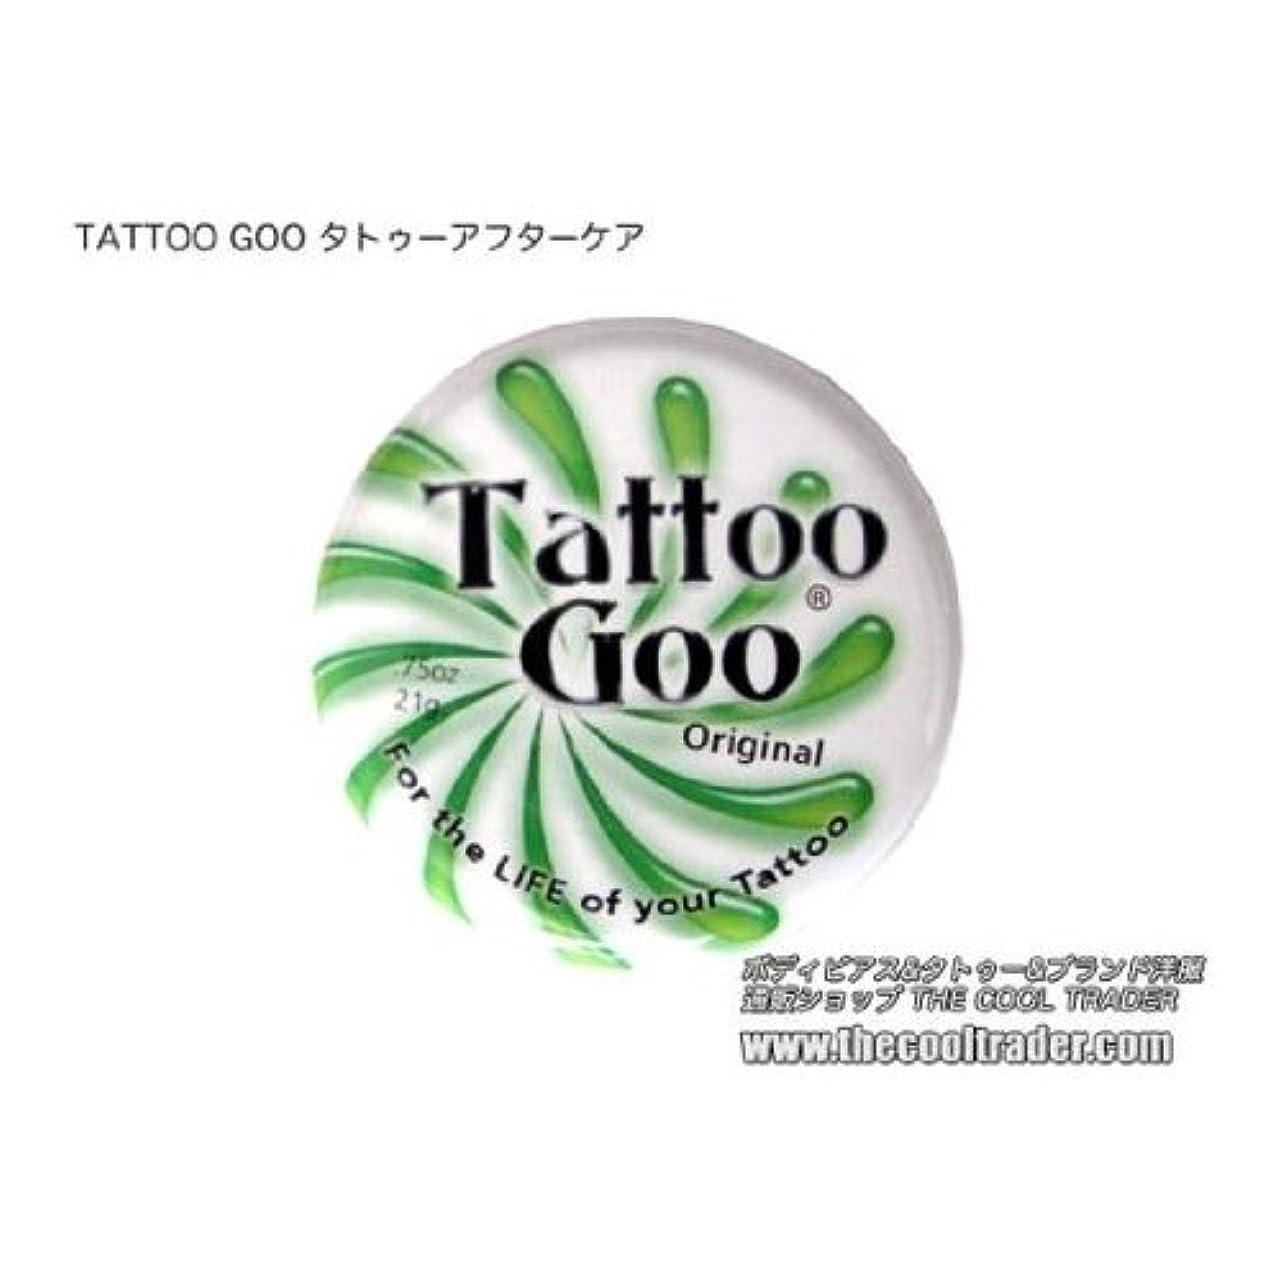 精算役割スズメバチTATTOO GOO タトゥー&ボディピアス専用アフターケア 軟膏クリーム オリジナル